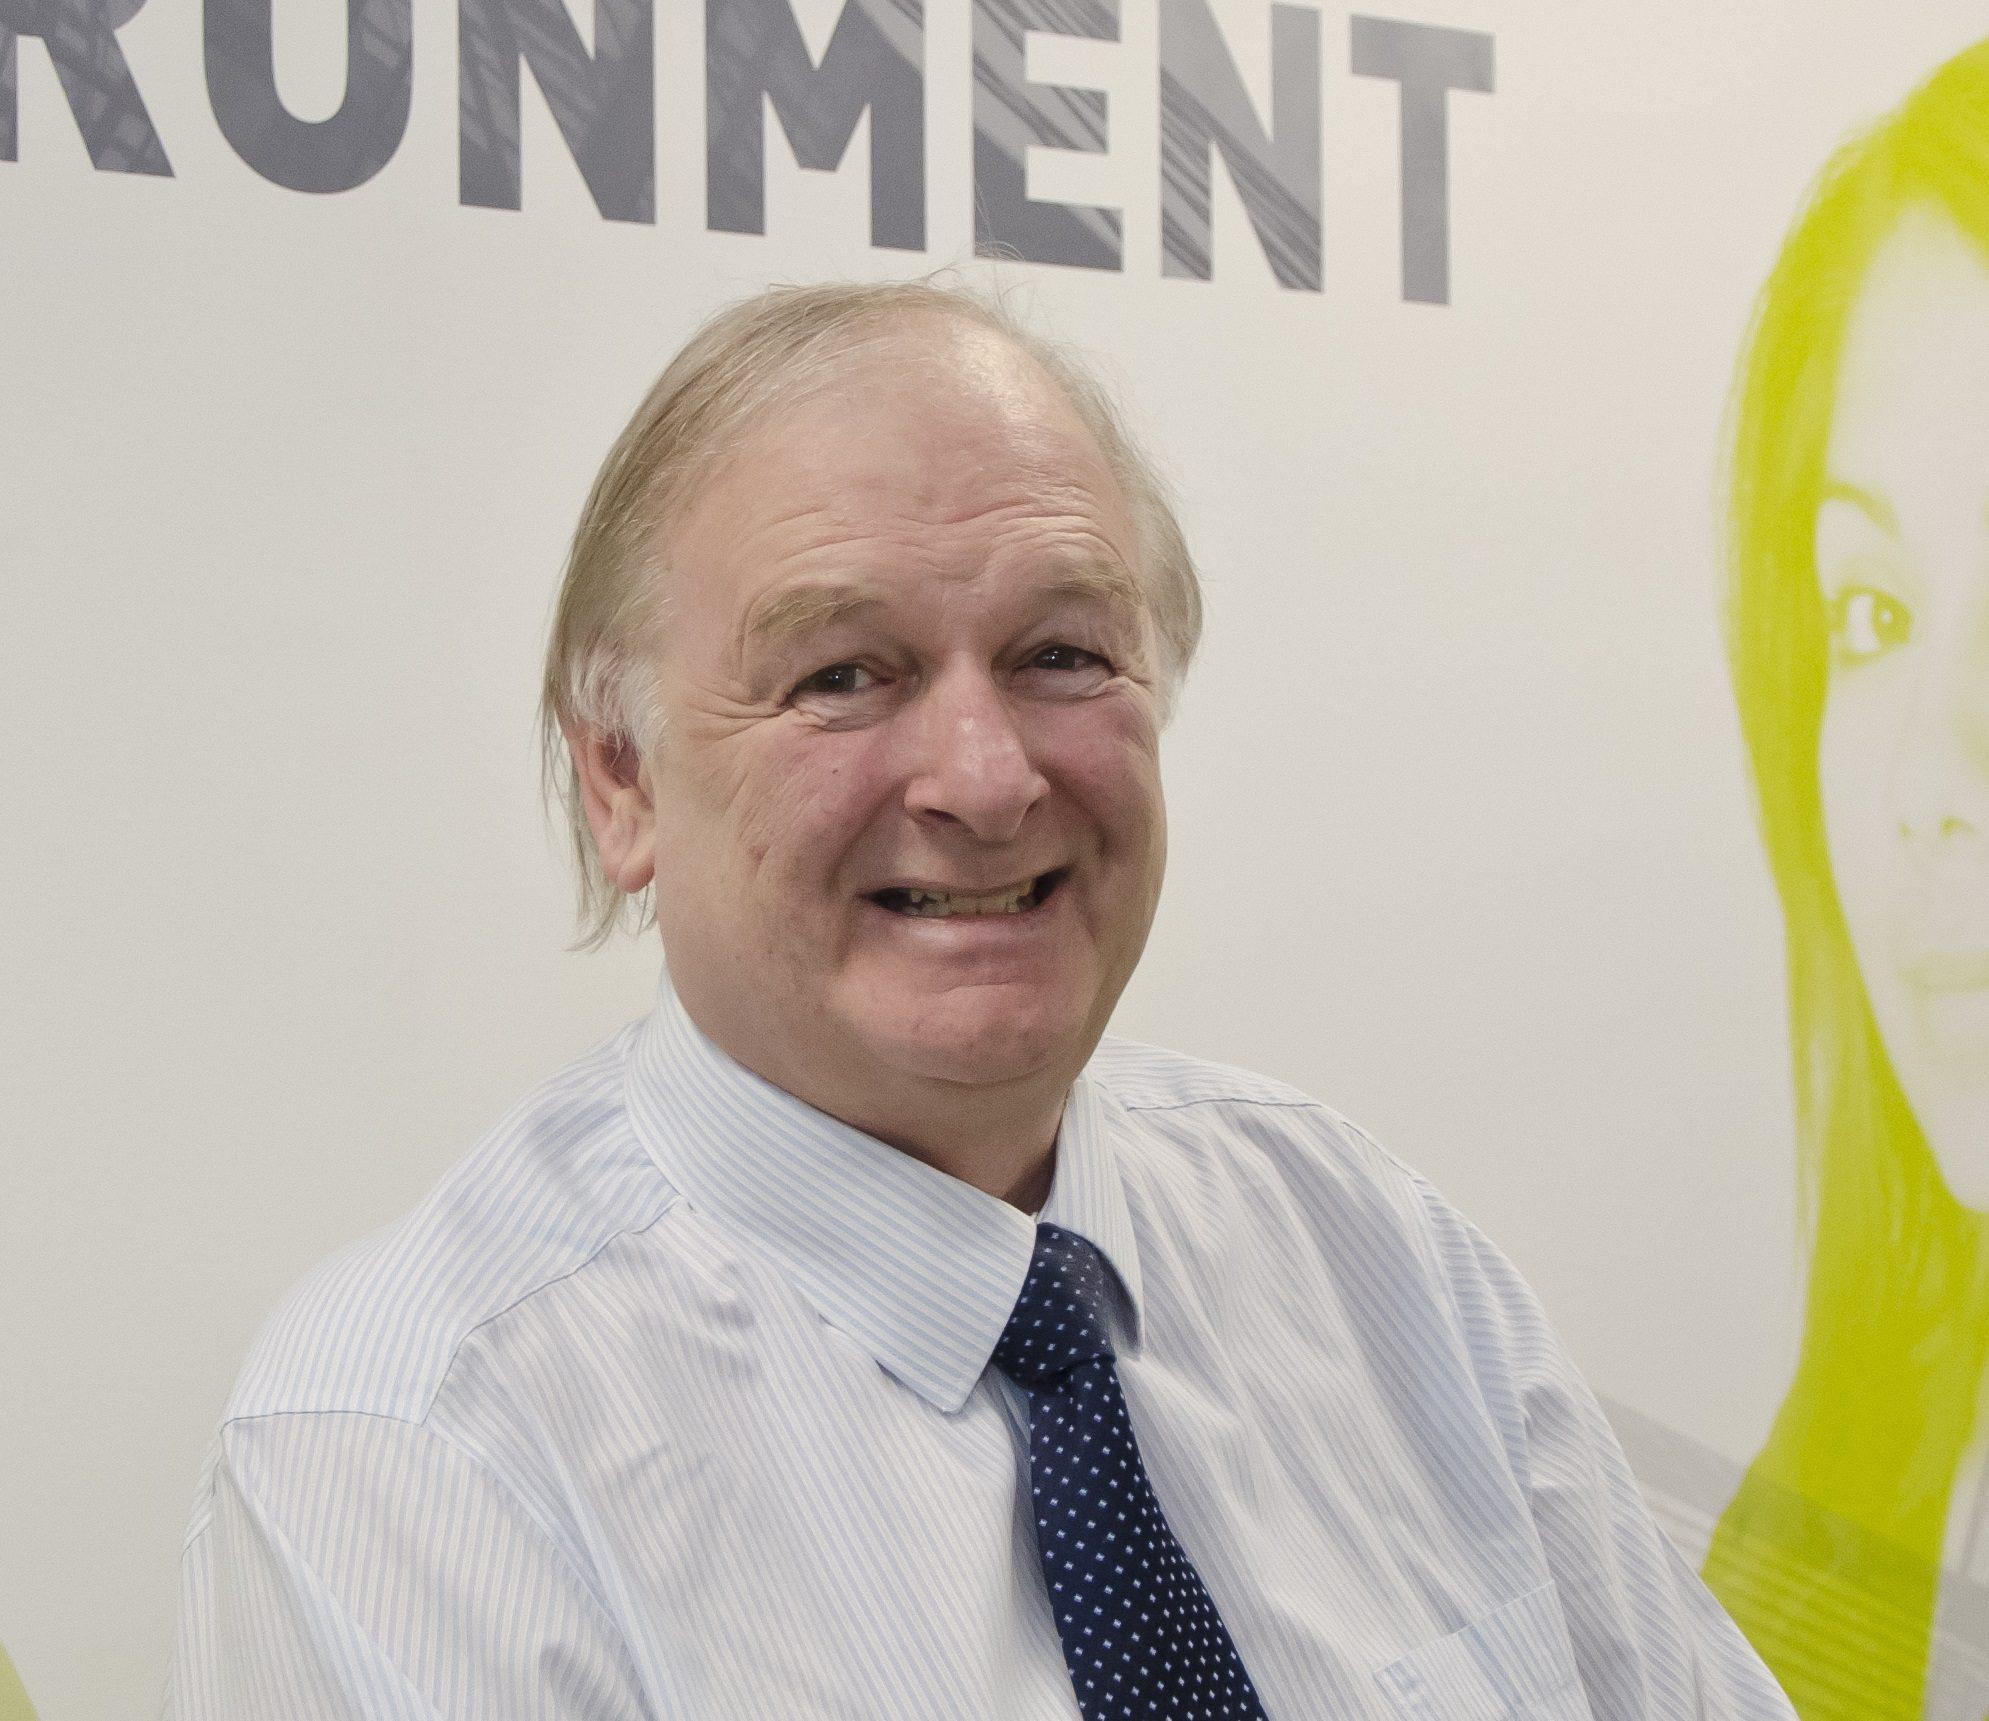 Malcolm Kirkpatrick